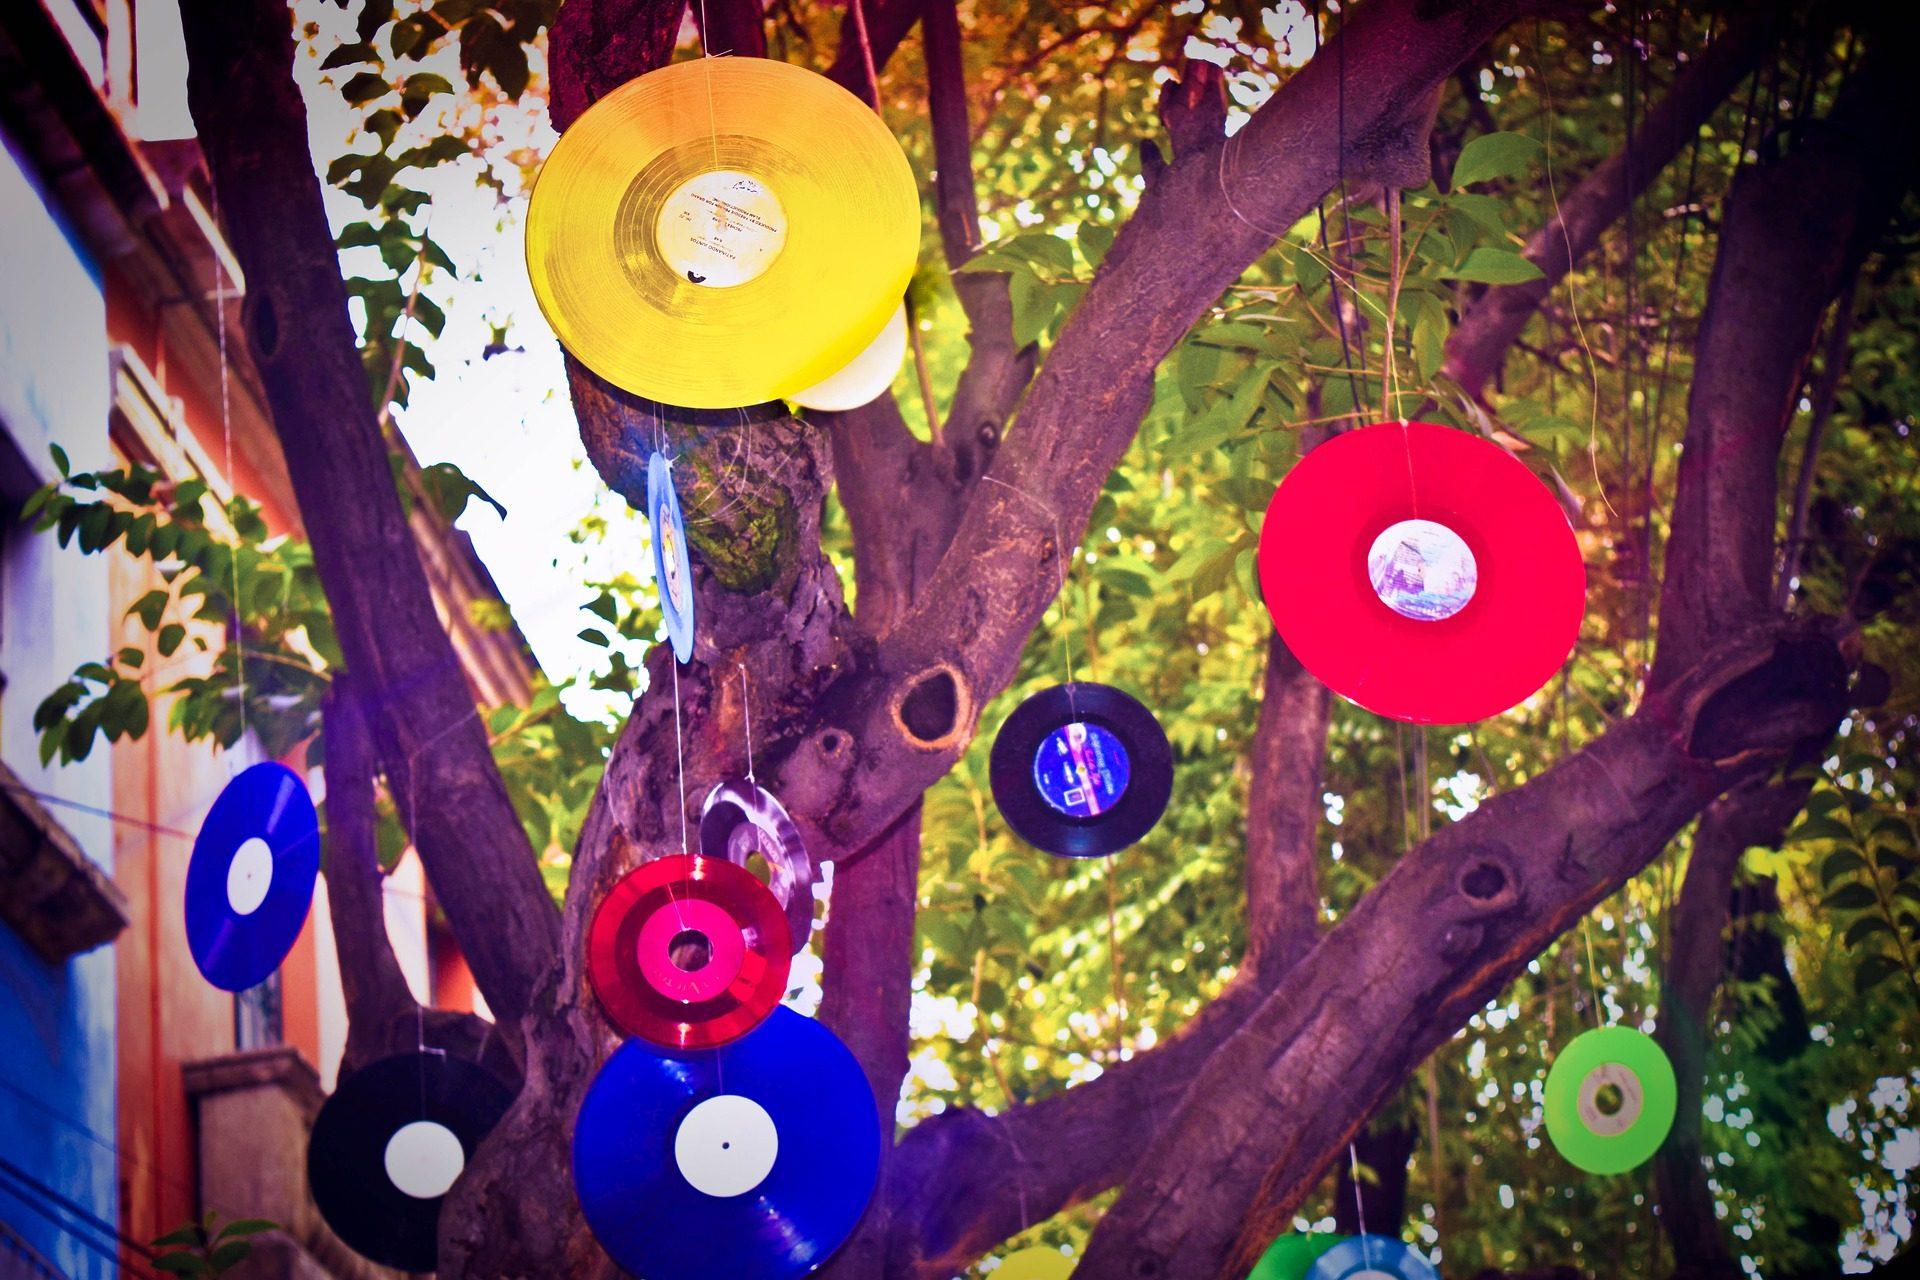 δέντρο, υποκαταστήματα, δίσκοι, Βινυλίου, πολύχρωμο - Wallpapers HD - Professor-falken.com